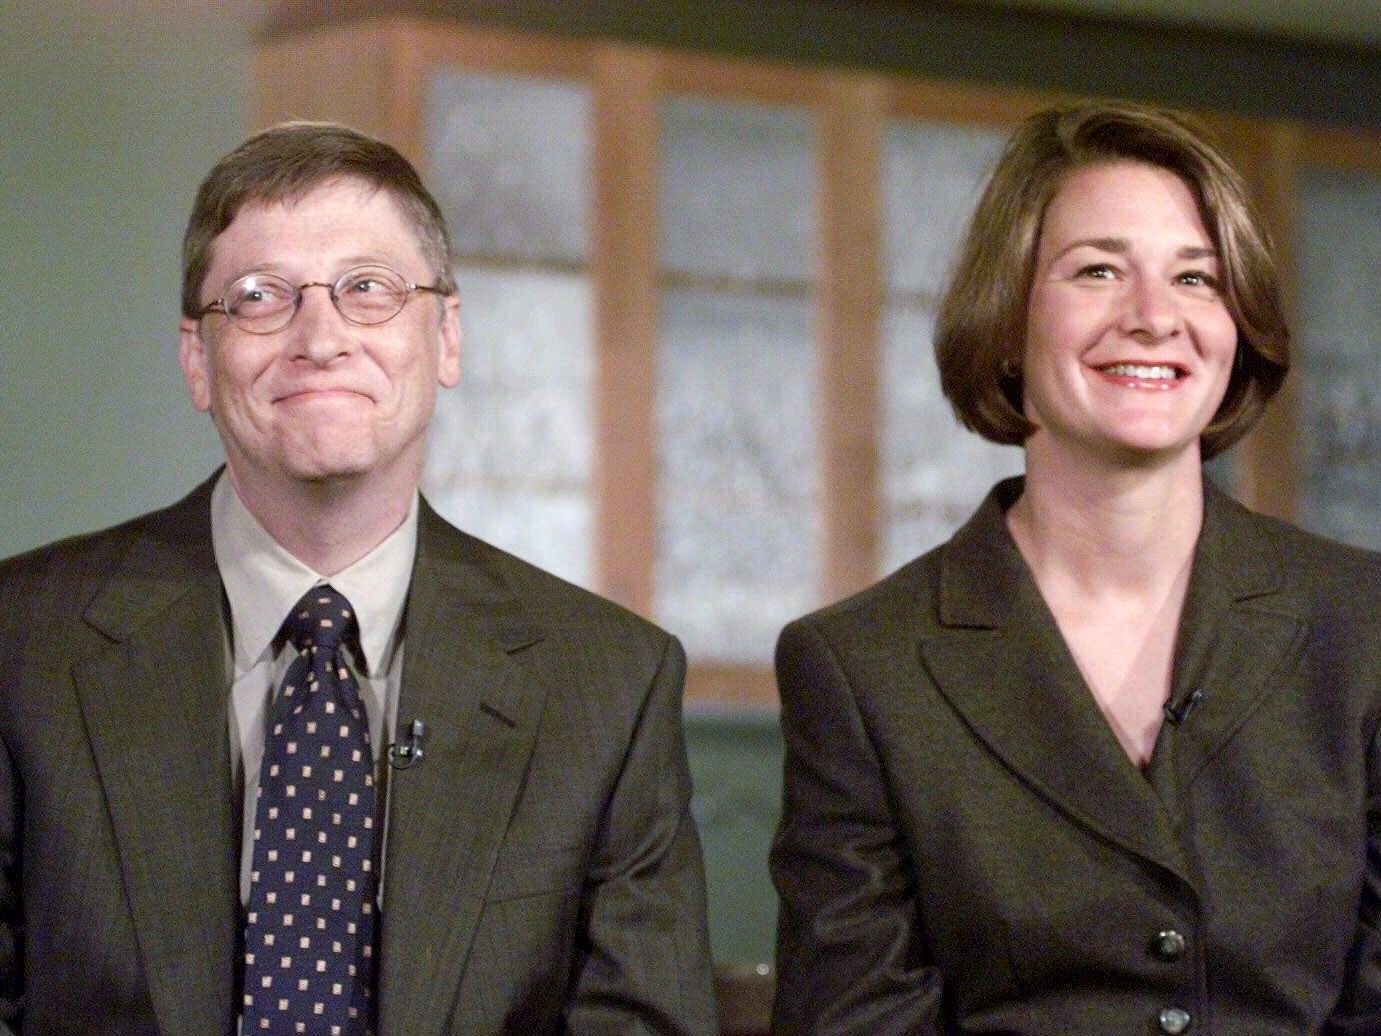 Bill lần đầu gặp Melinda năm 1987, khi bà gia nhập Microsoft. Bill hỏi liệu bà có thể đi hẹn hò cùng ông 2 tuần kể từ tối nay không. Melinda trêu chọc Bill có chút gượng gạo và đưa số điện thoại, bảo ông gọi cho bà gần ngày mà ông dự định đi hẹn hò. Thay vào đó, Bill hẹn Melinda ngay buổi tối hôm đó.